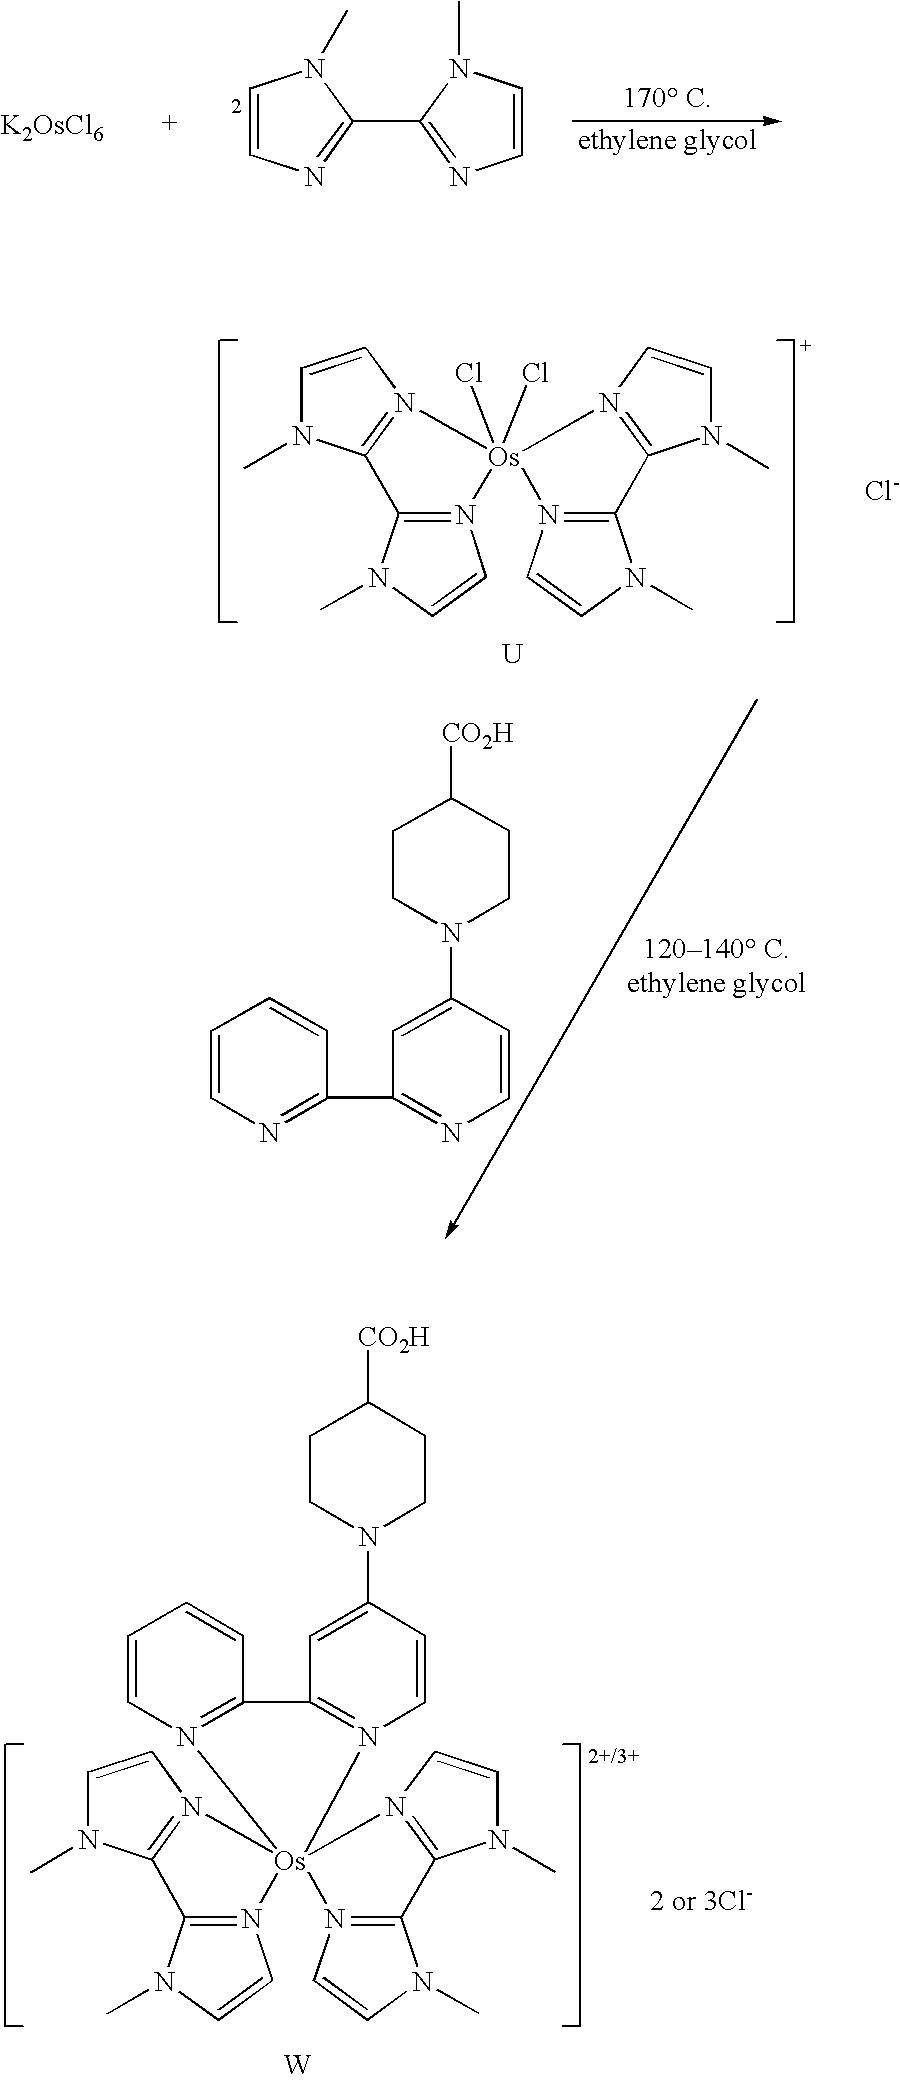 Figure US20040040840A1-20040304-C00039